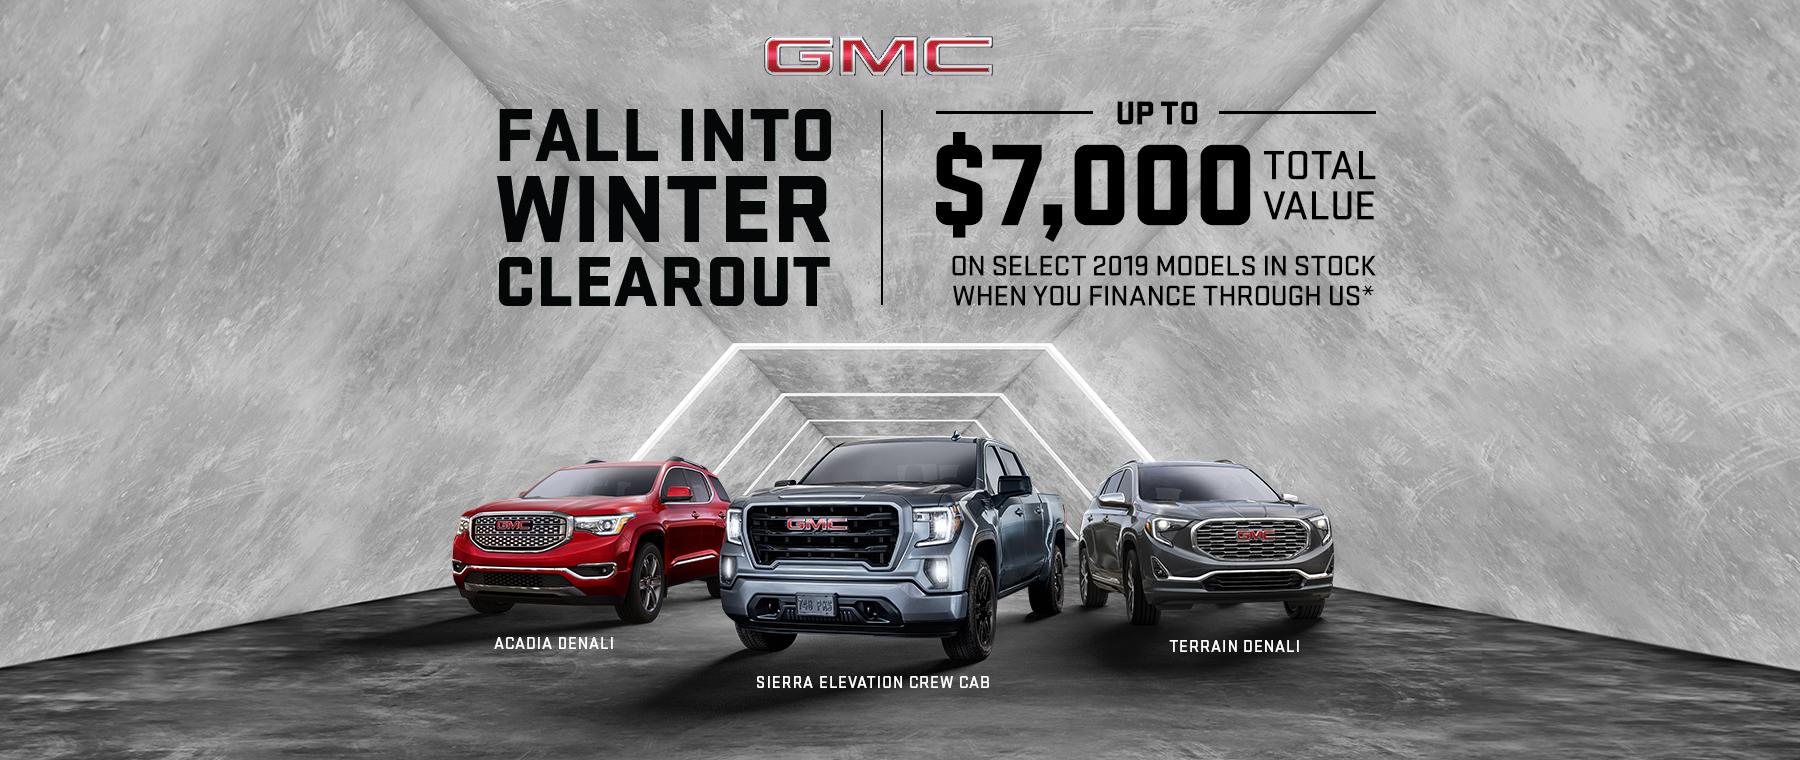 2019 GMC Multi-Line